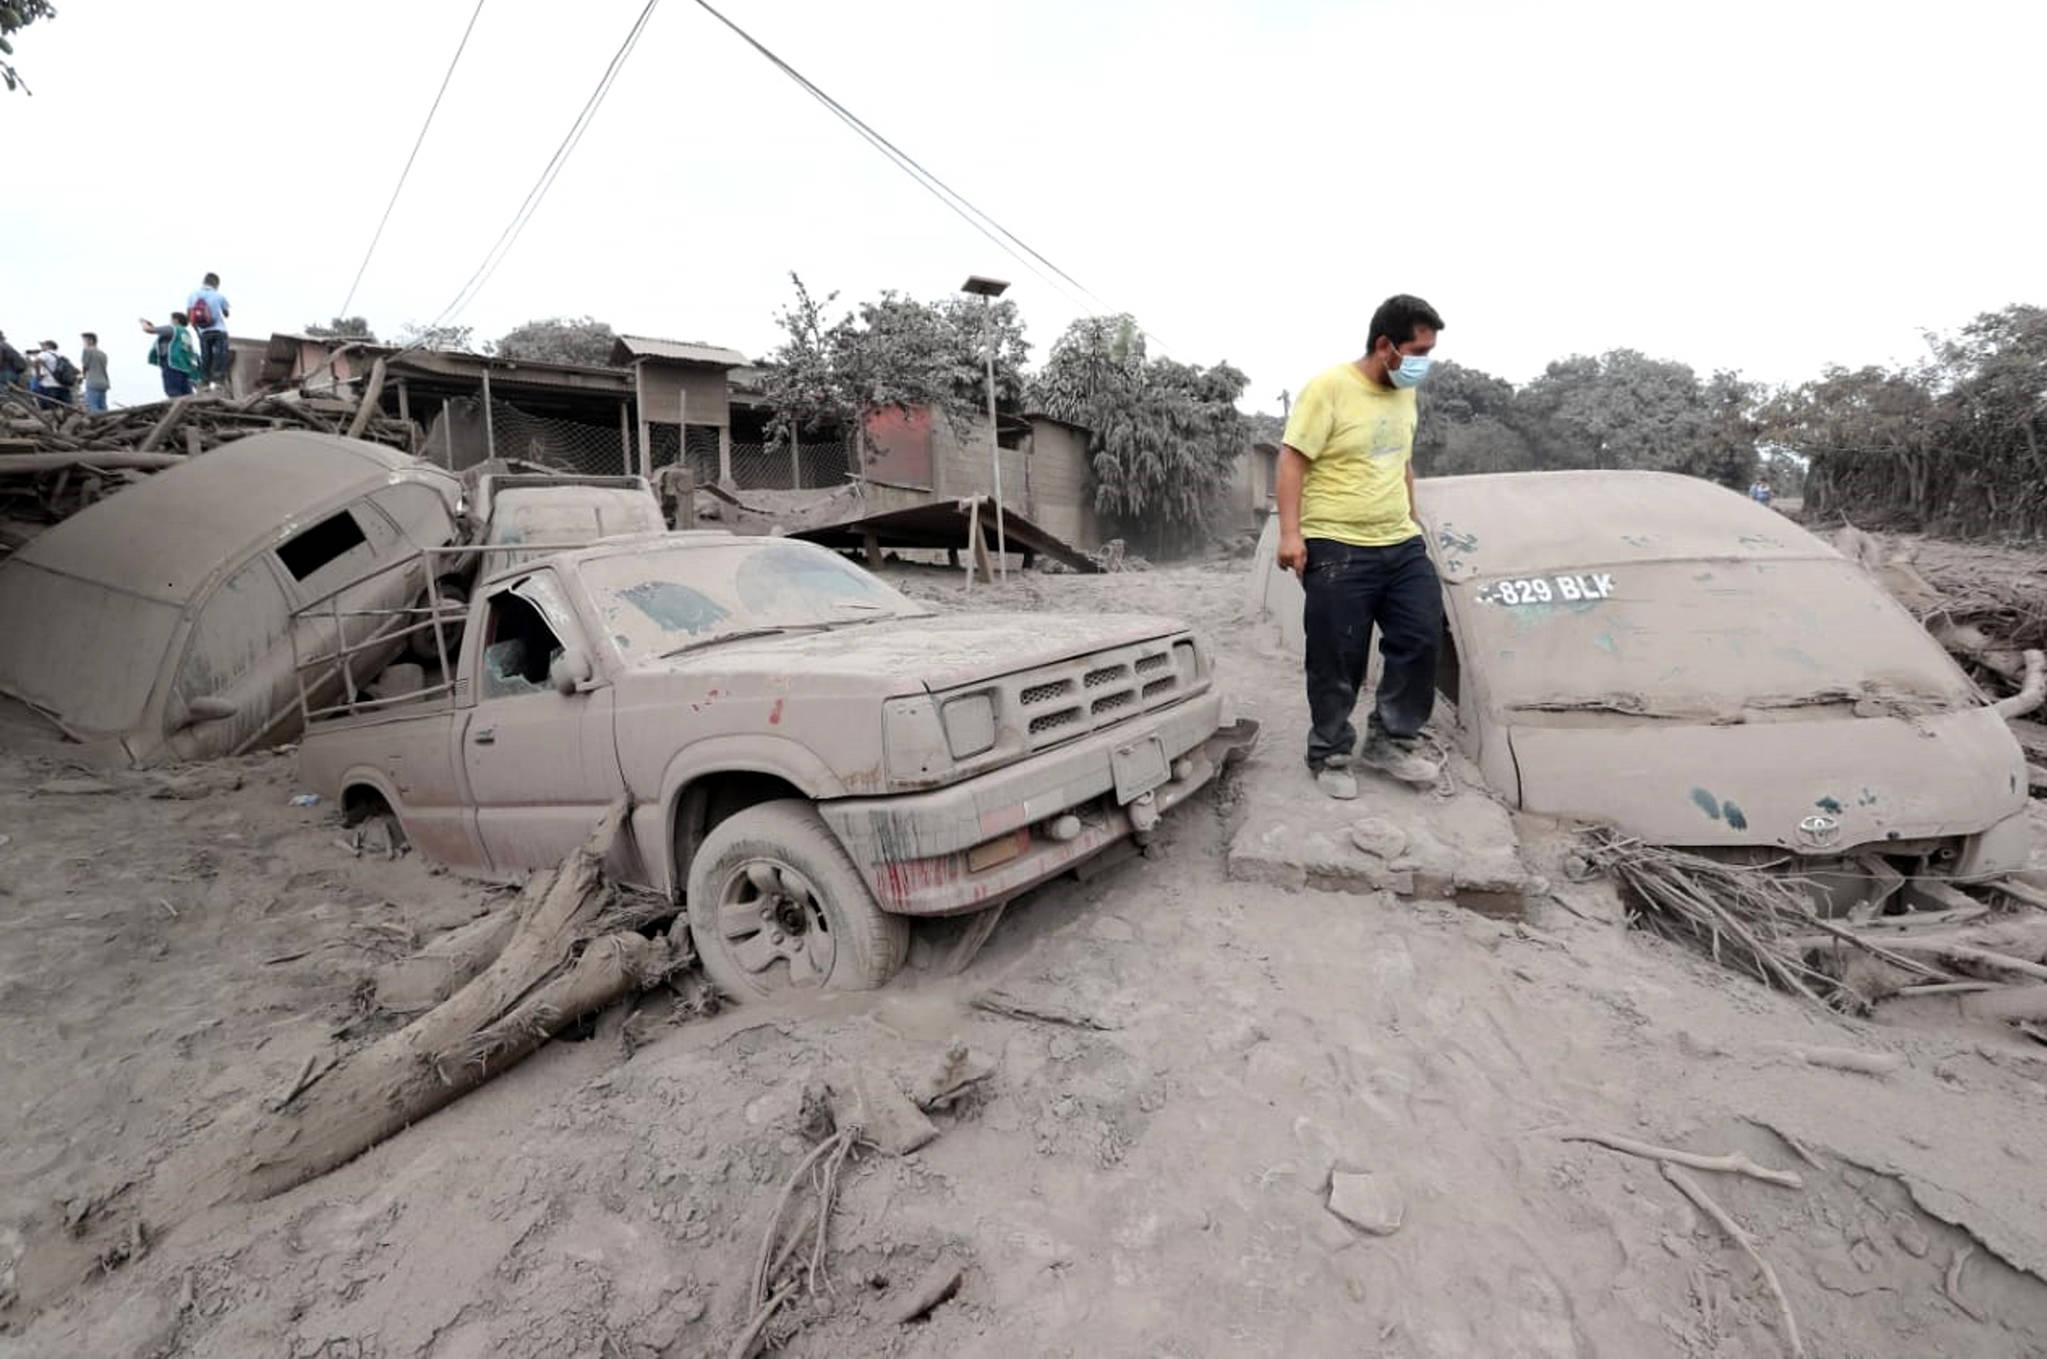 콰테말라 푸에고 화산 폭발로 피해를 입은 차량을 지난 5일 현지 주민이 둘러보고 있다. [Xinhua=연합뉴스]